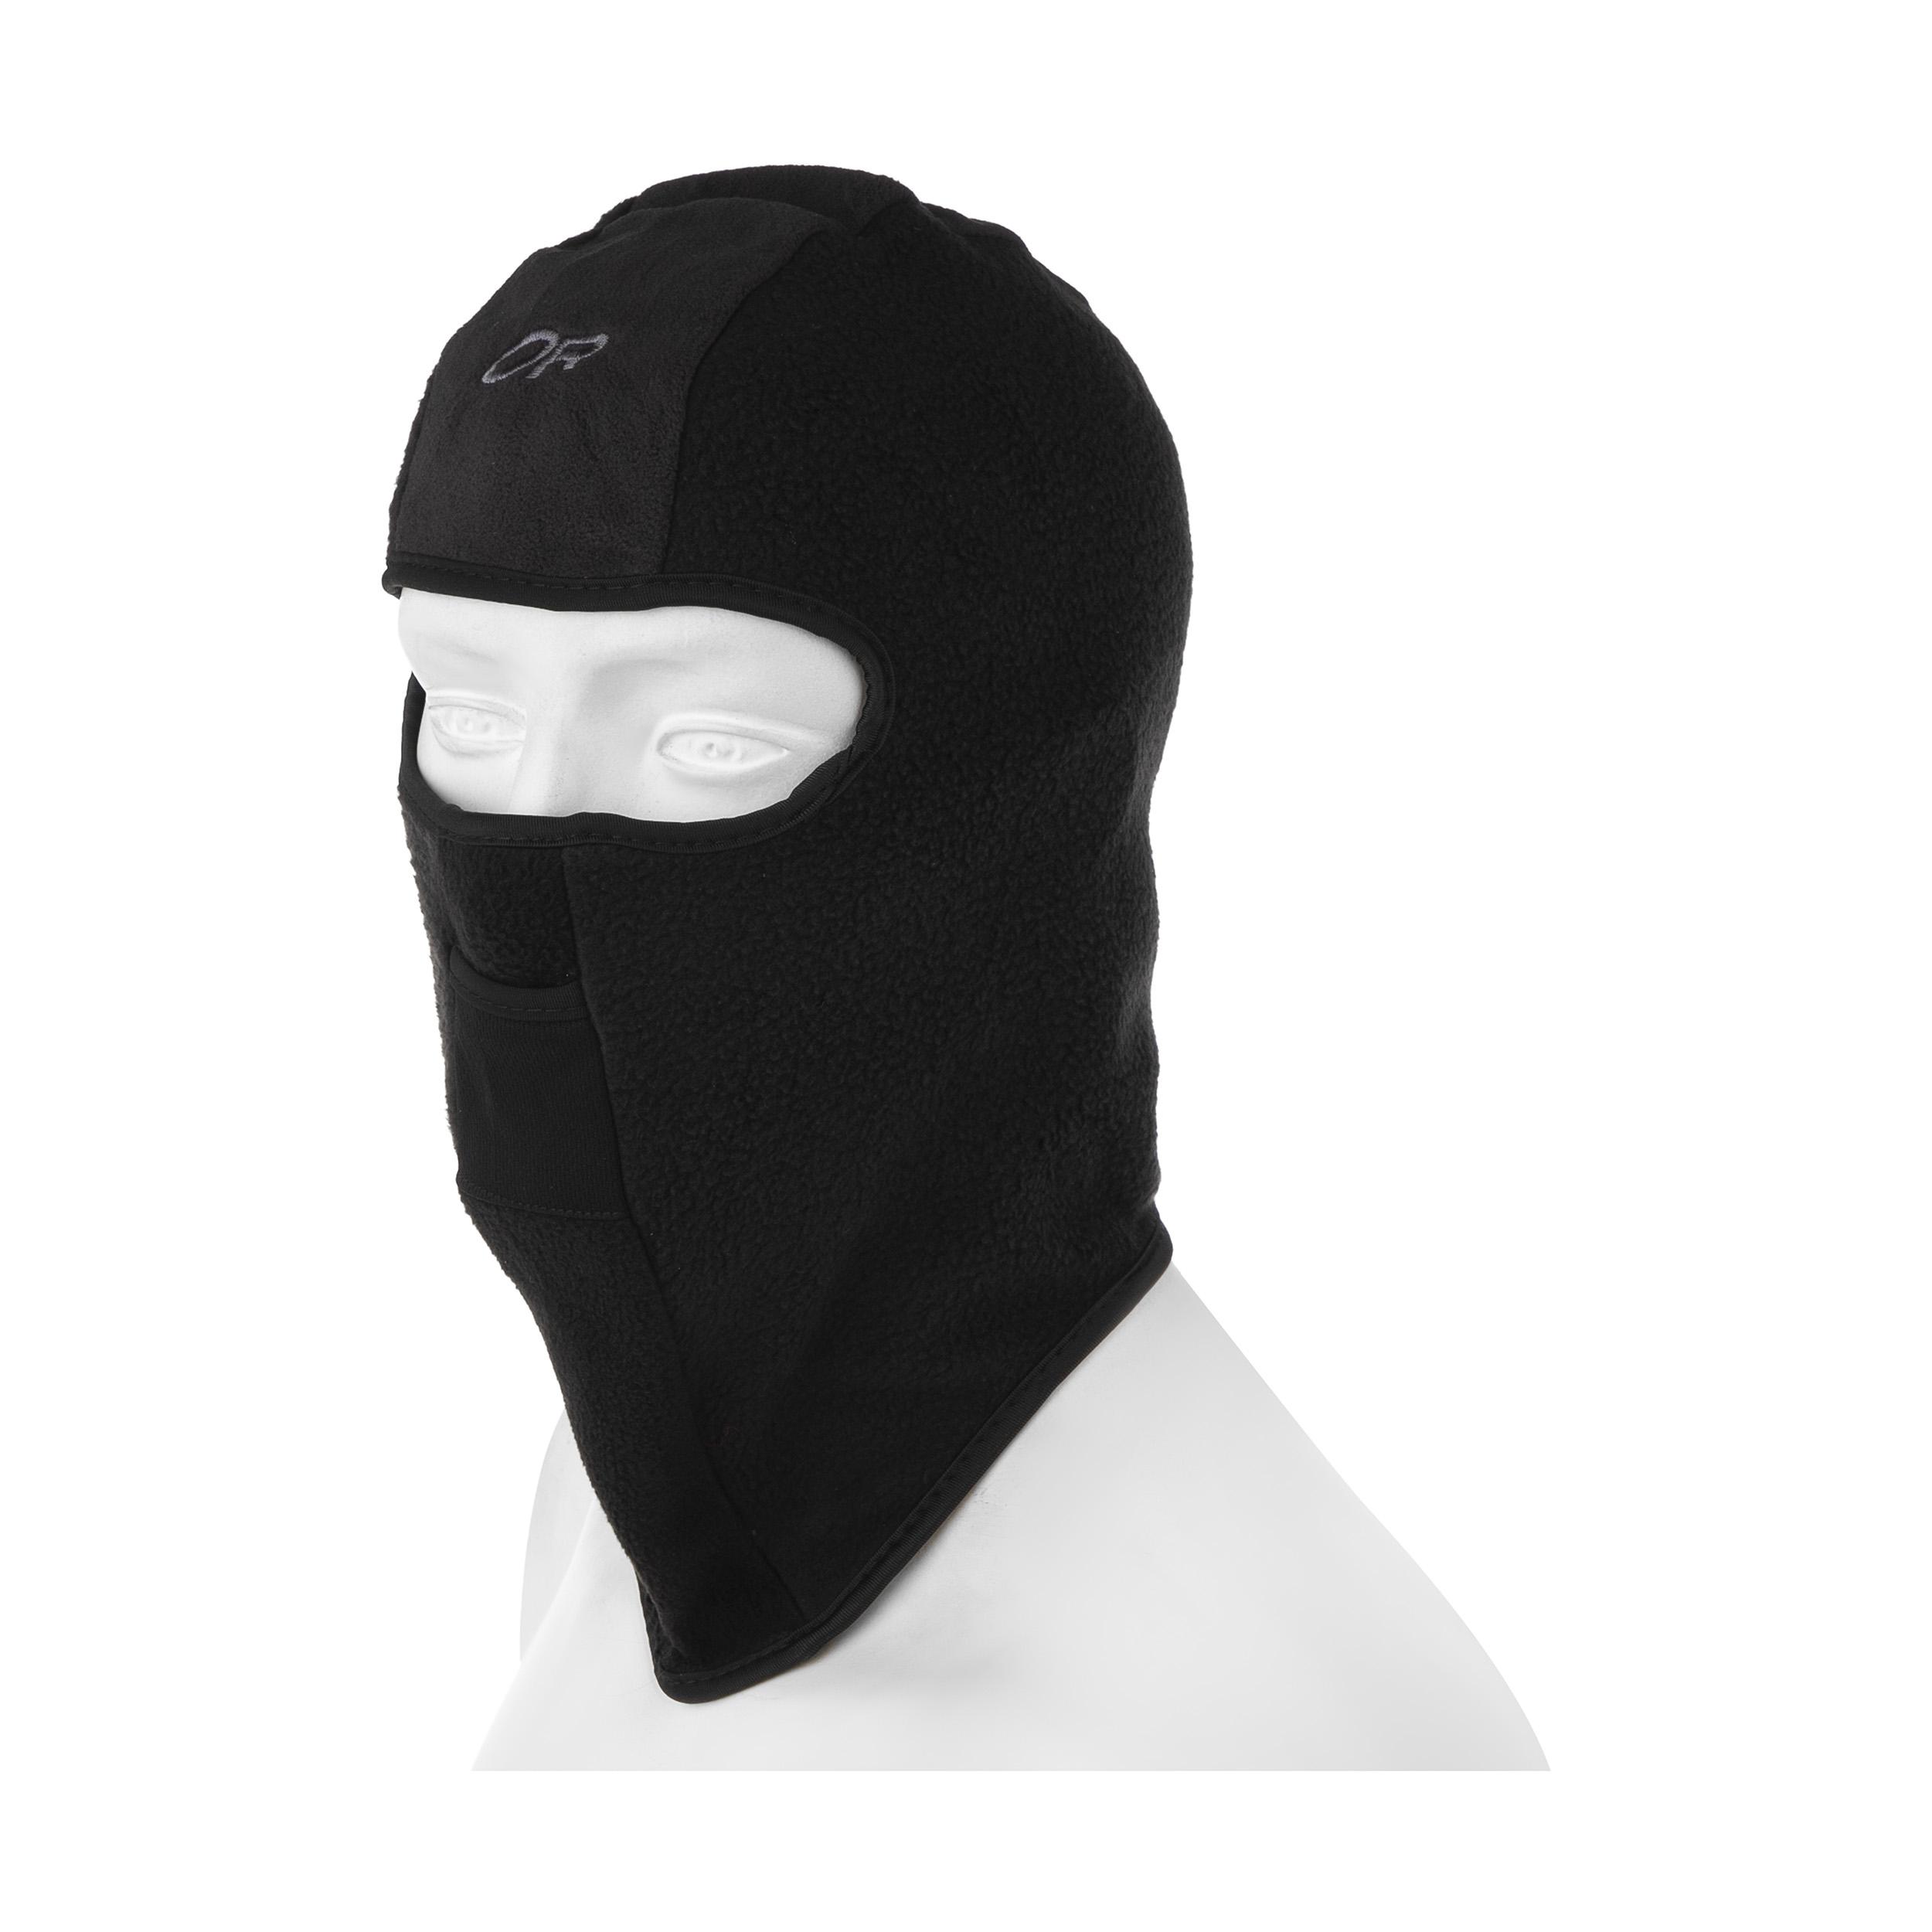 ماسک اسکی او آر کد 008